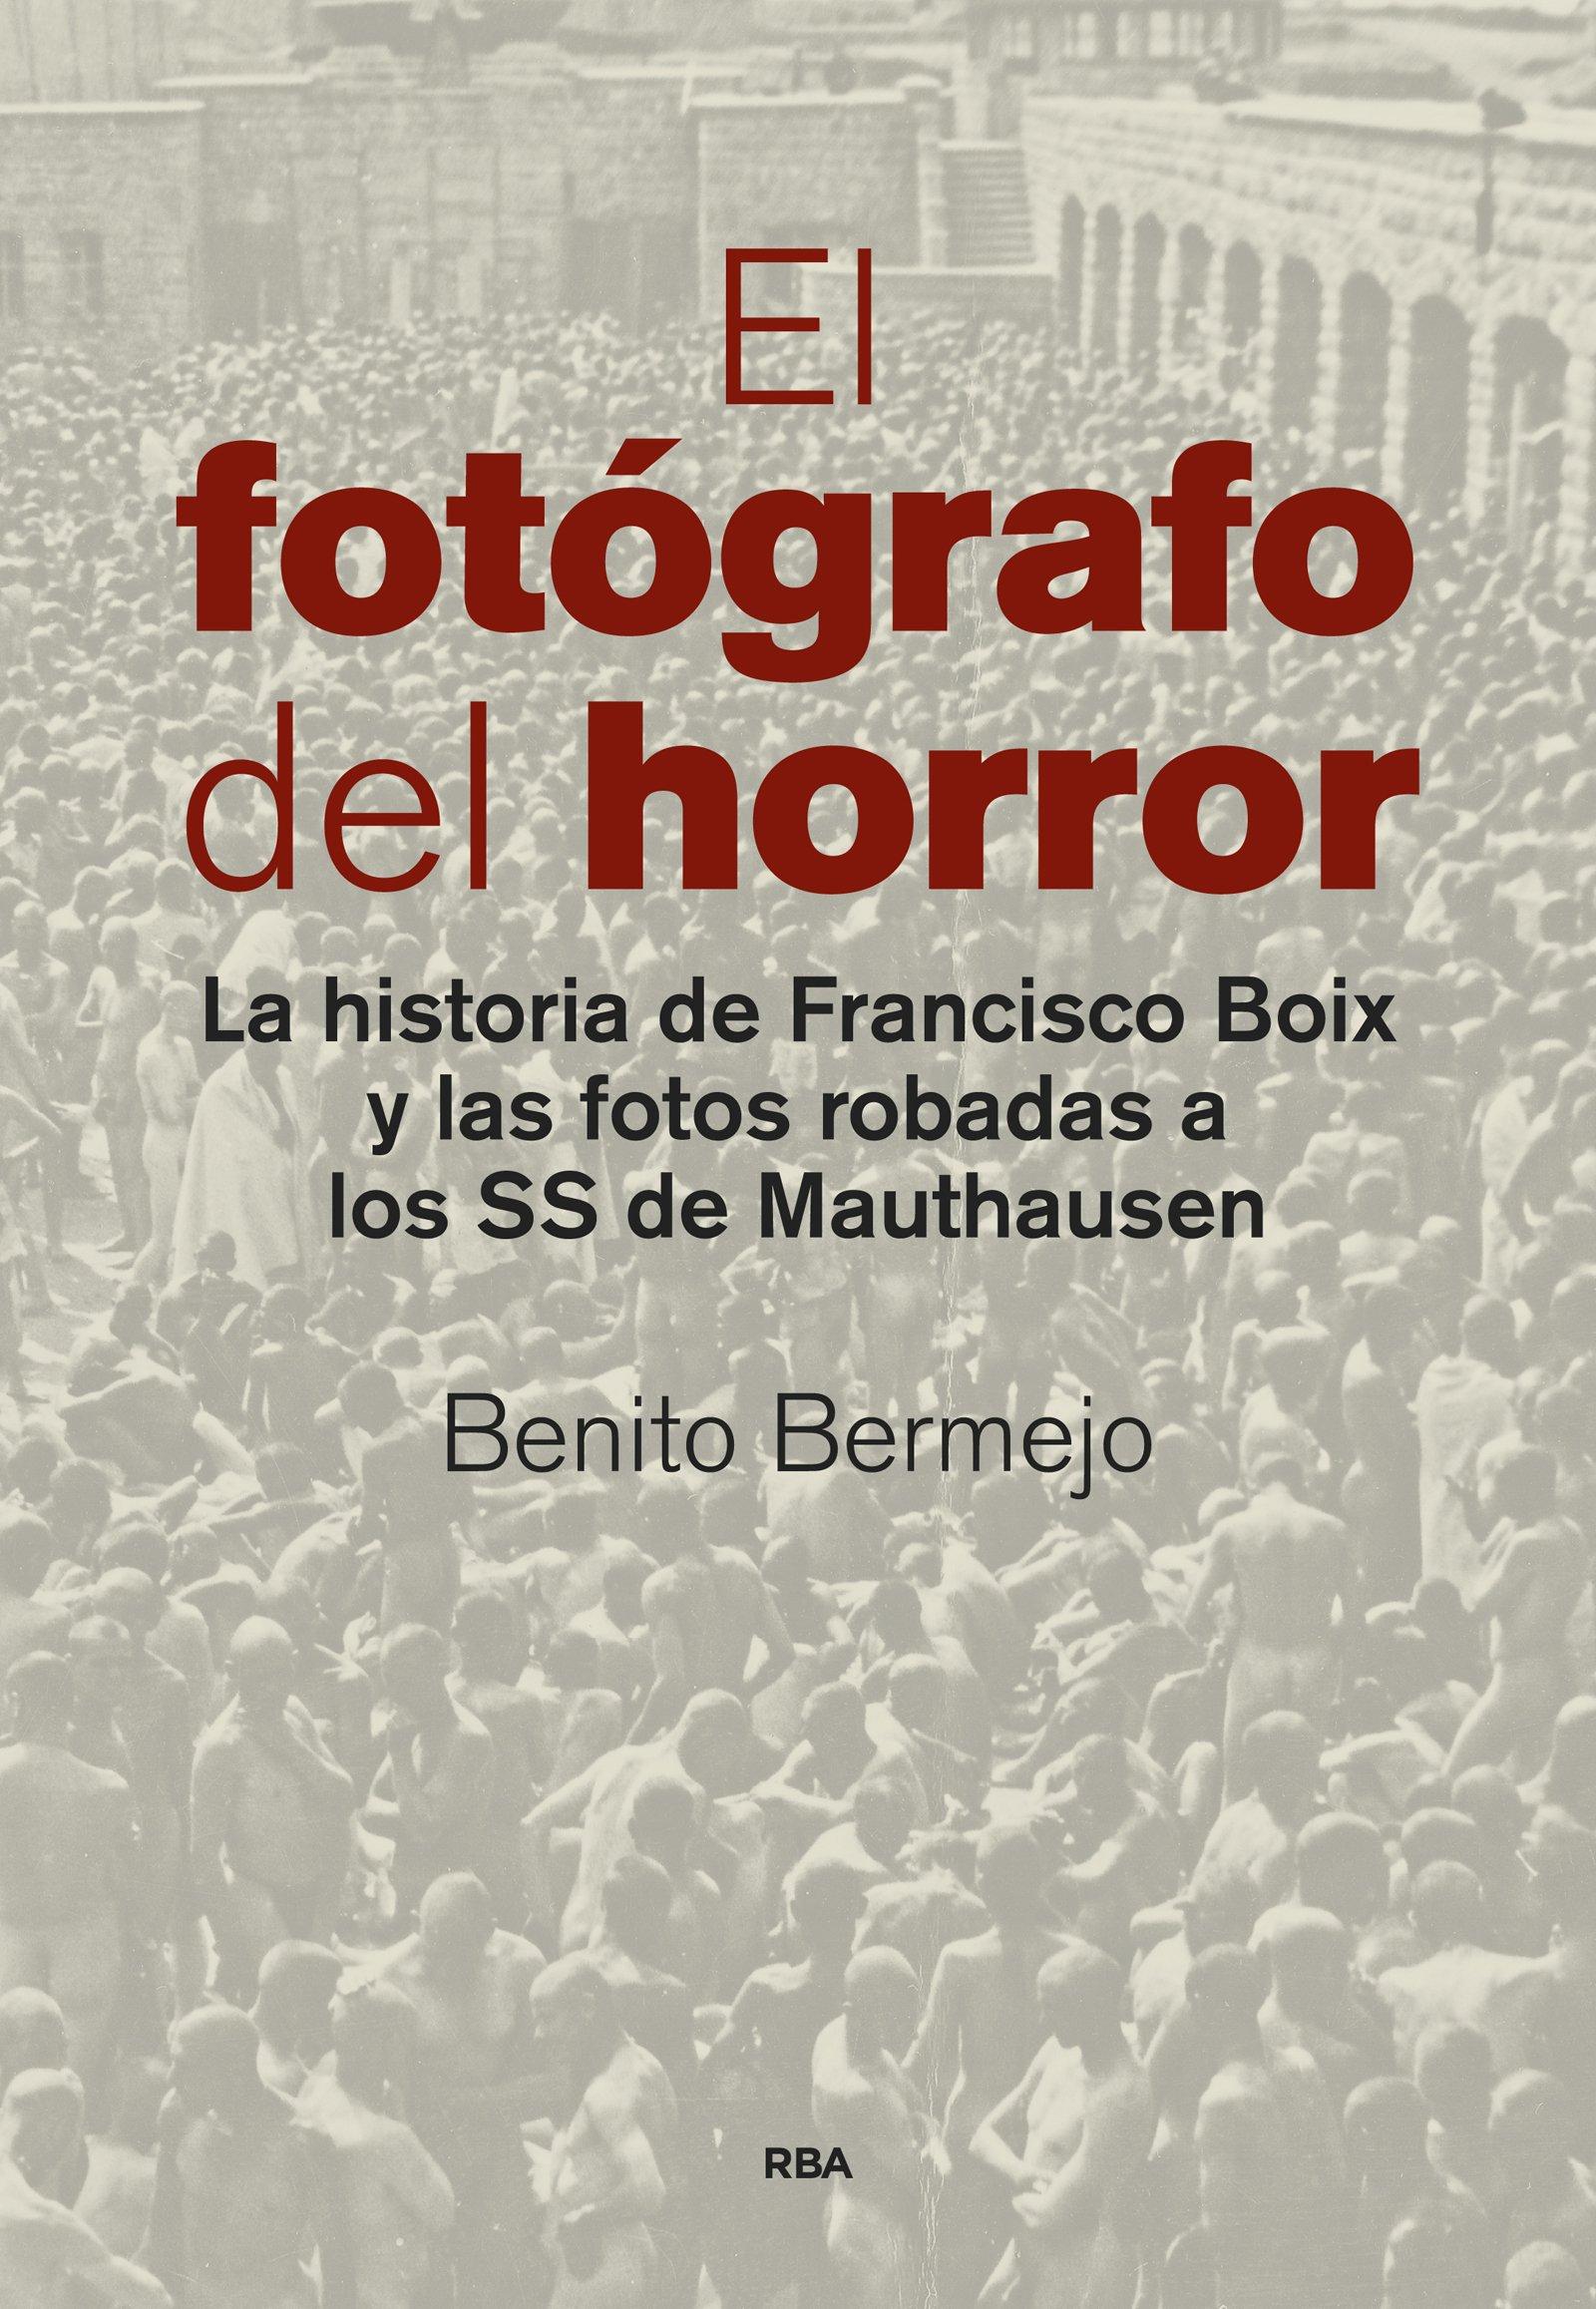 El fotógrafo del horror: La historia de Francisco Boix y las fotos robadas a los SS de Mauthausen (ENSAYO Y BIOGRAFIA) Tapa dura – 12 may 2015 BENITO BERMEJO SANCHEZ RBA Libros 8490565007 Biografía: General